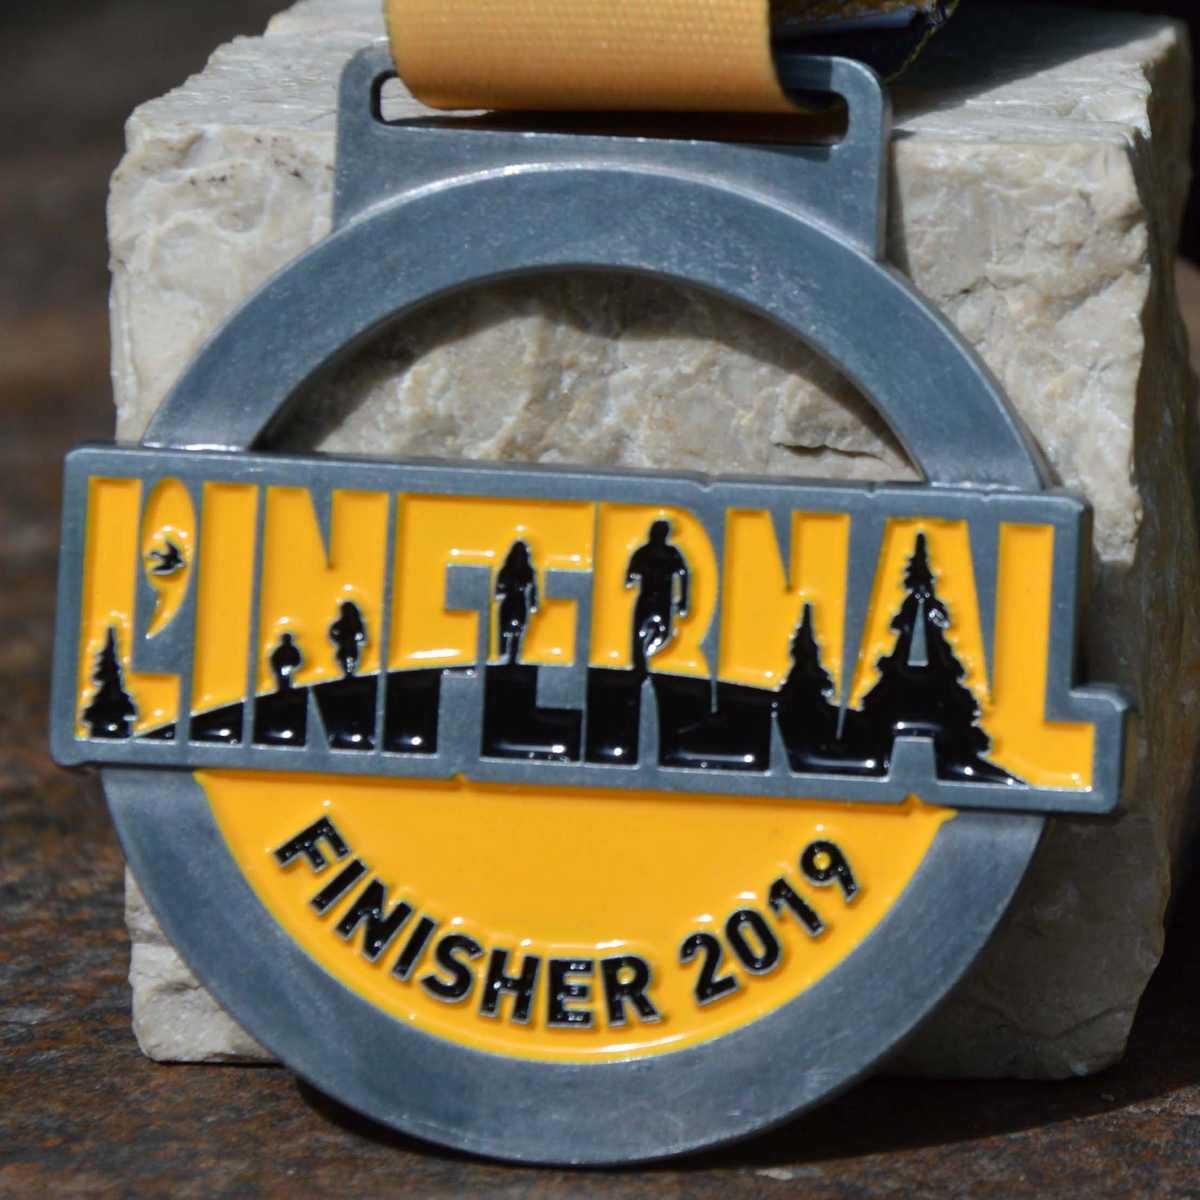 Médaille finisher ronde créée pour la course L'infernal 2019